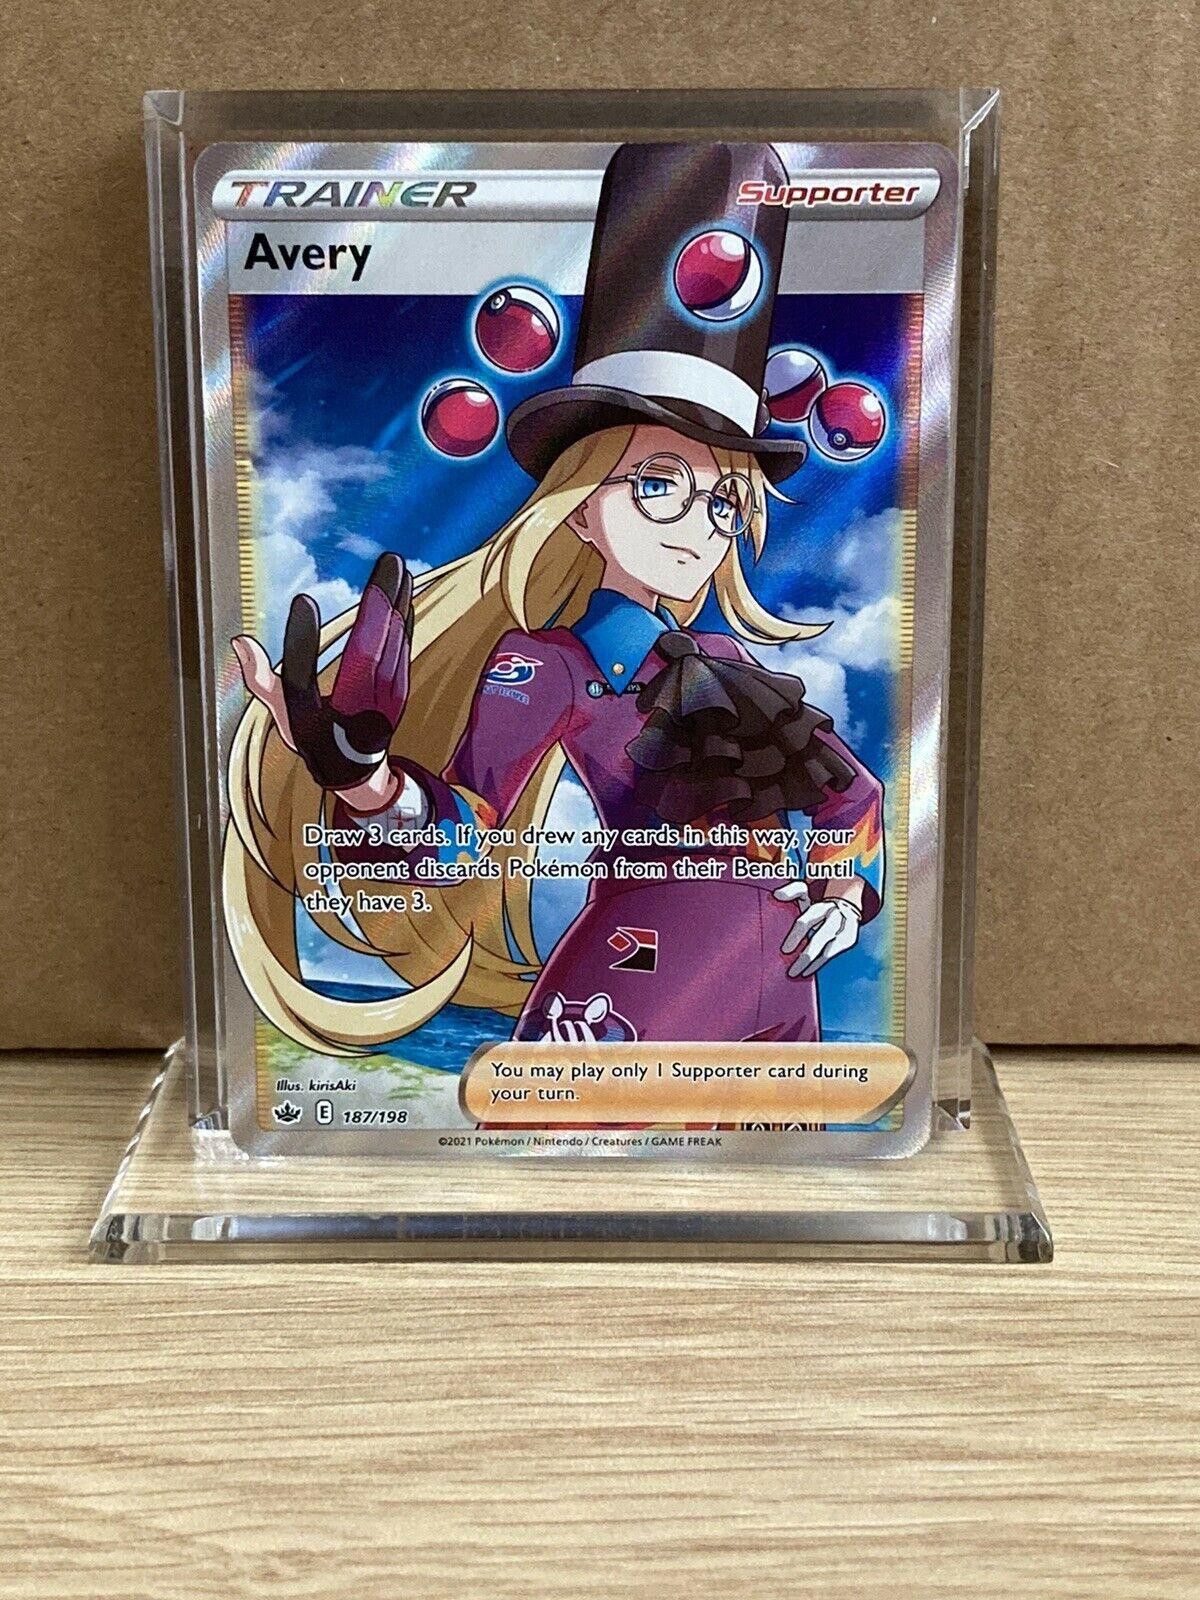 Avery 187/198 Pokemon TCG Chilling Reign Full Art Ultra Rare